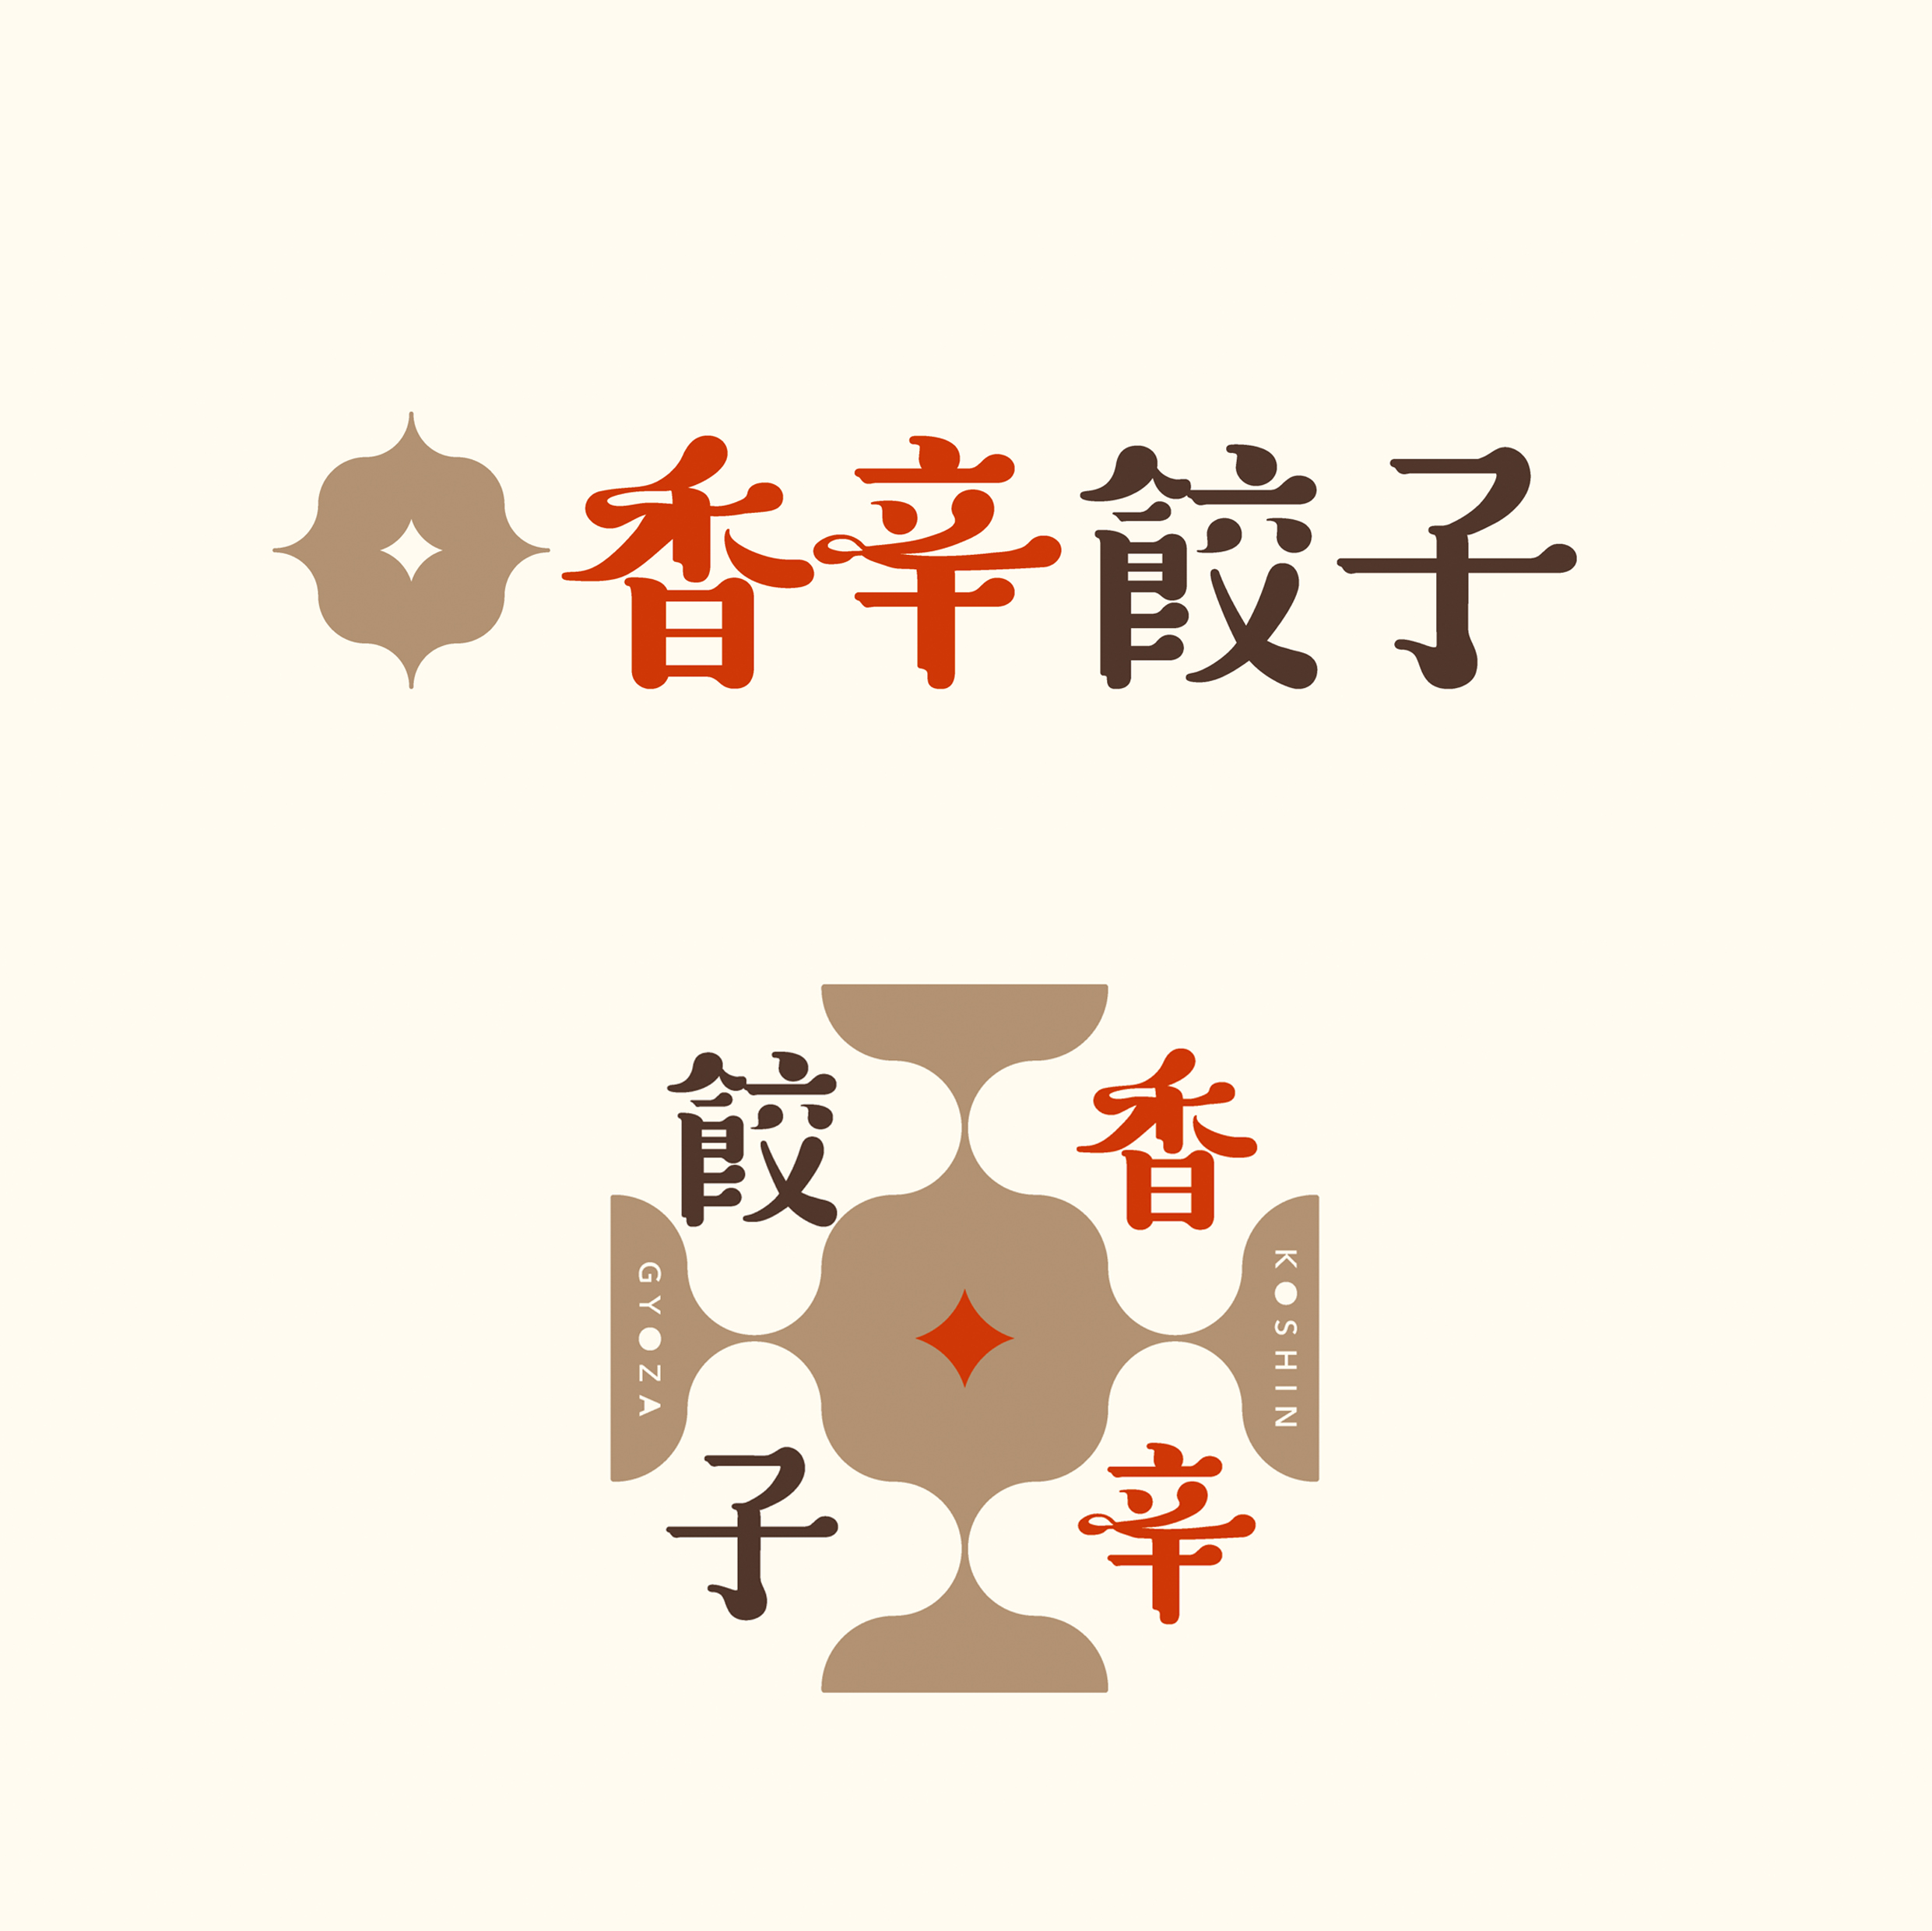 【香辛餃子】ロゴ(2020)